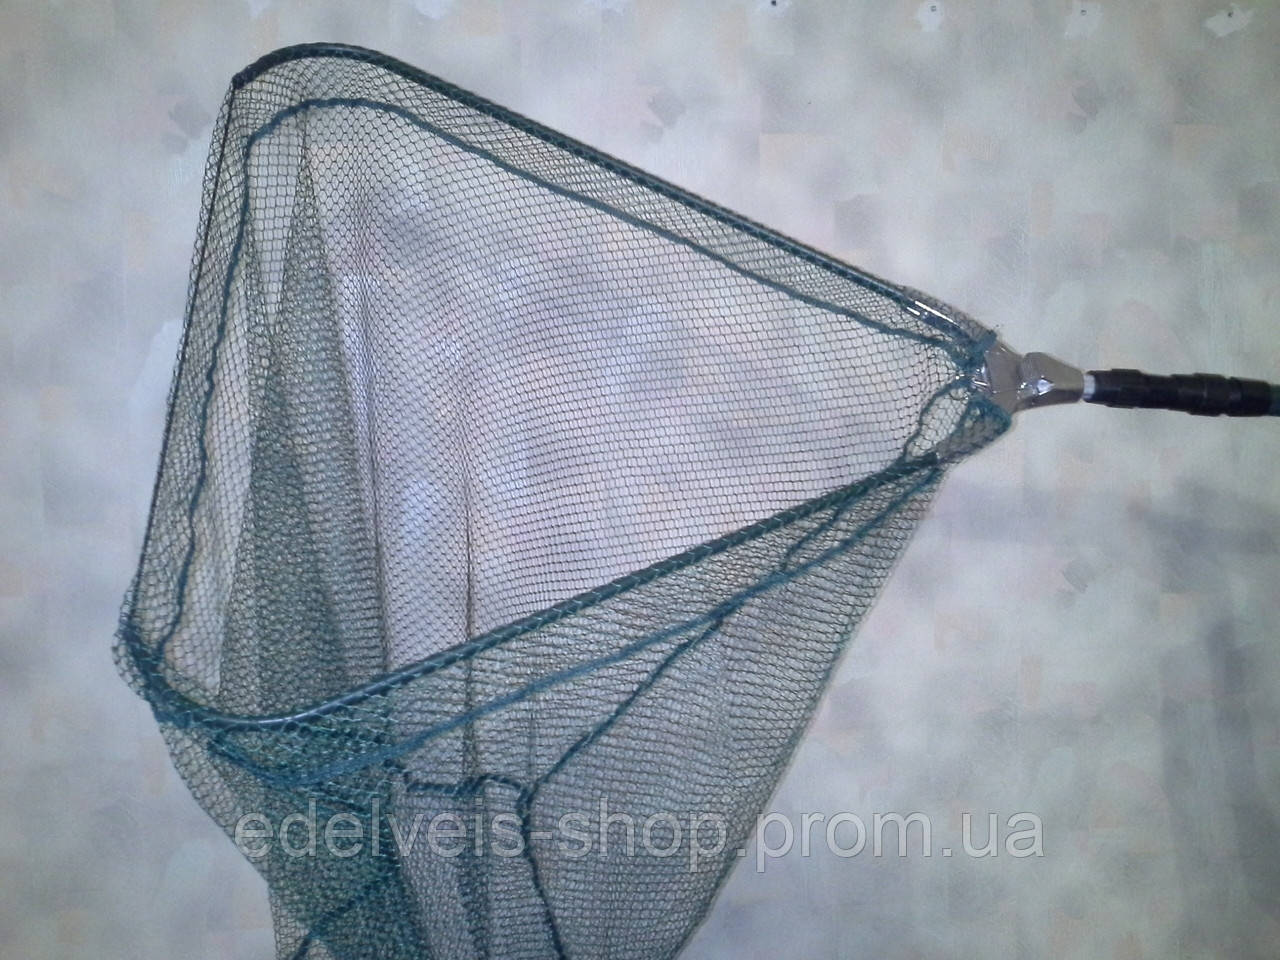 сетка для рыбалки мелкая цена